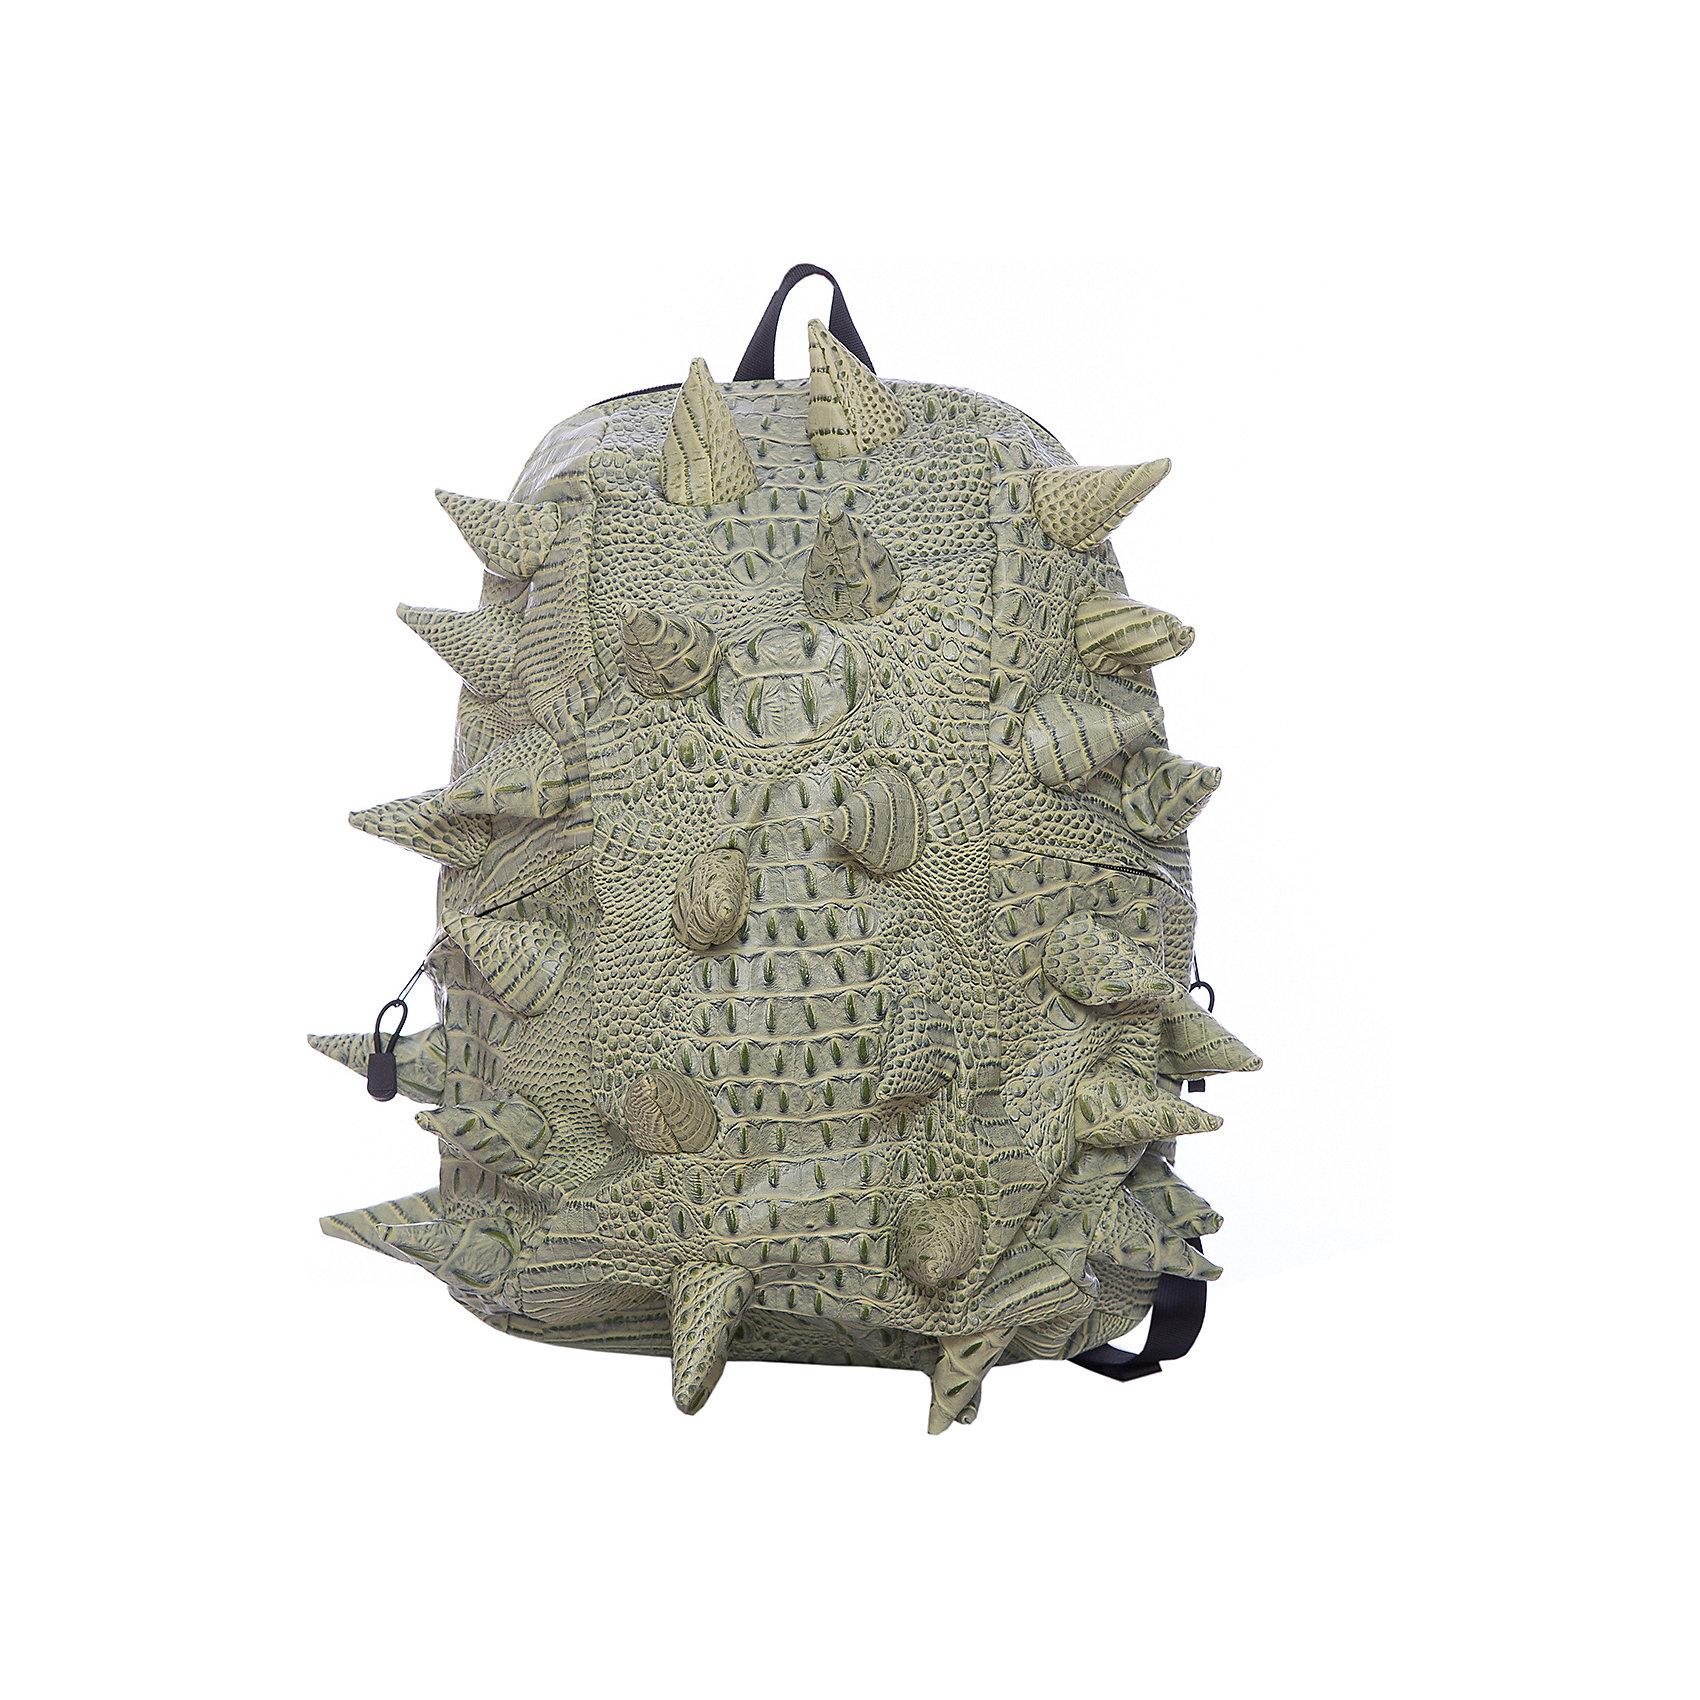 Рюкзак Gator Full, цвет Snap Dragon (зеленый)Рюкзаки<br>Вес: 0,8 кг<br>Размер: 46х35х20 см<br>Состав: рюкзак<br>Наличие светоотражающих элементов: нет<br>Материал: поливинил<br><br>Ширина мм: 460<br>Глубина мм: 350<br>Высота мм: 200<br>Вес г: 800<br>Возраст от месяцев: 60<br>Возраст до месяцев: 720<br>Пол: Унисекс<br>Возраст: Детский<br>SKU: 7054086